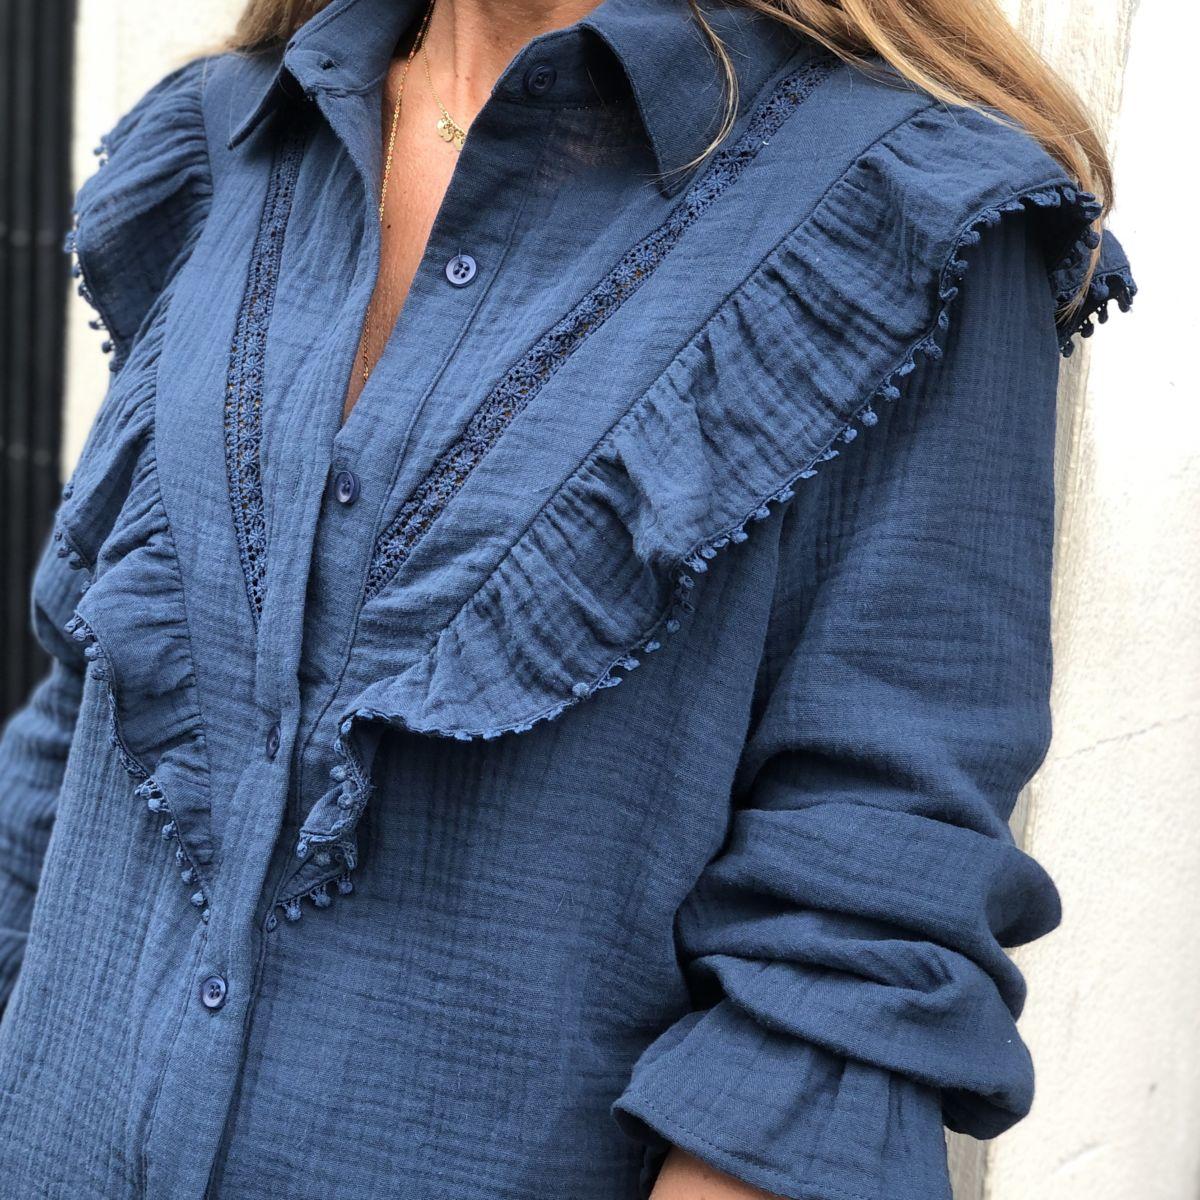 Chemise bleu canard à volants en gaze de coton manches longues by Destele